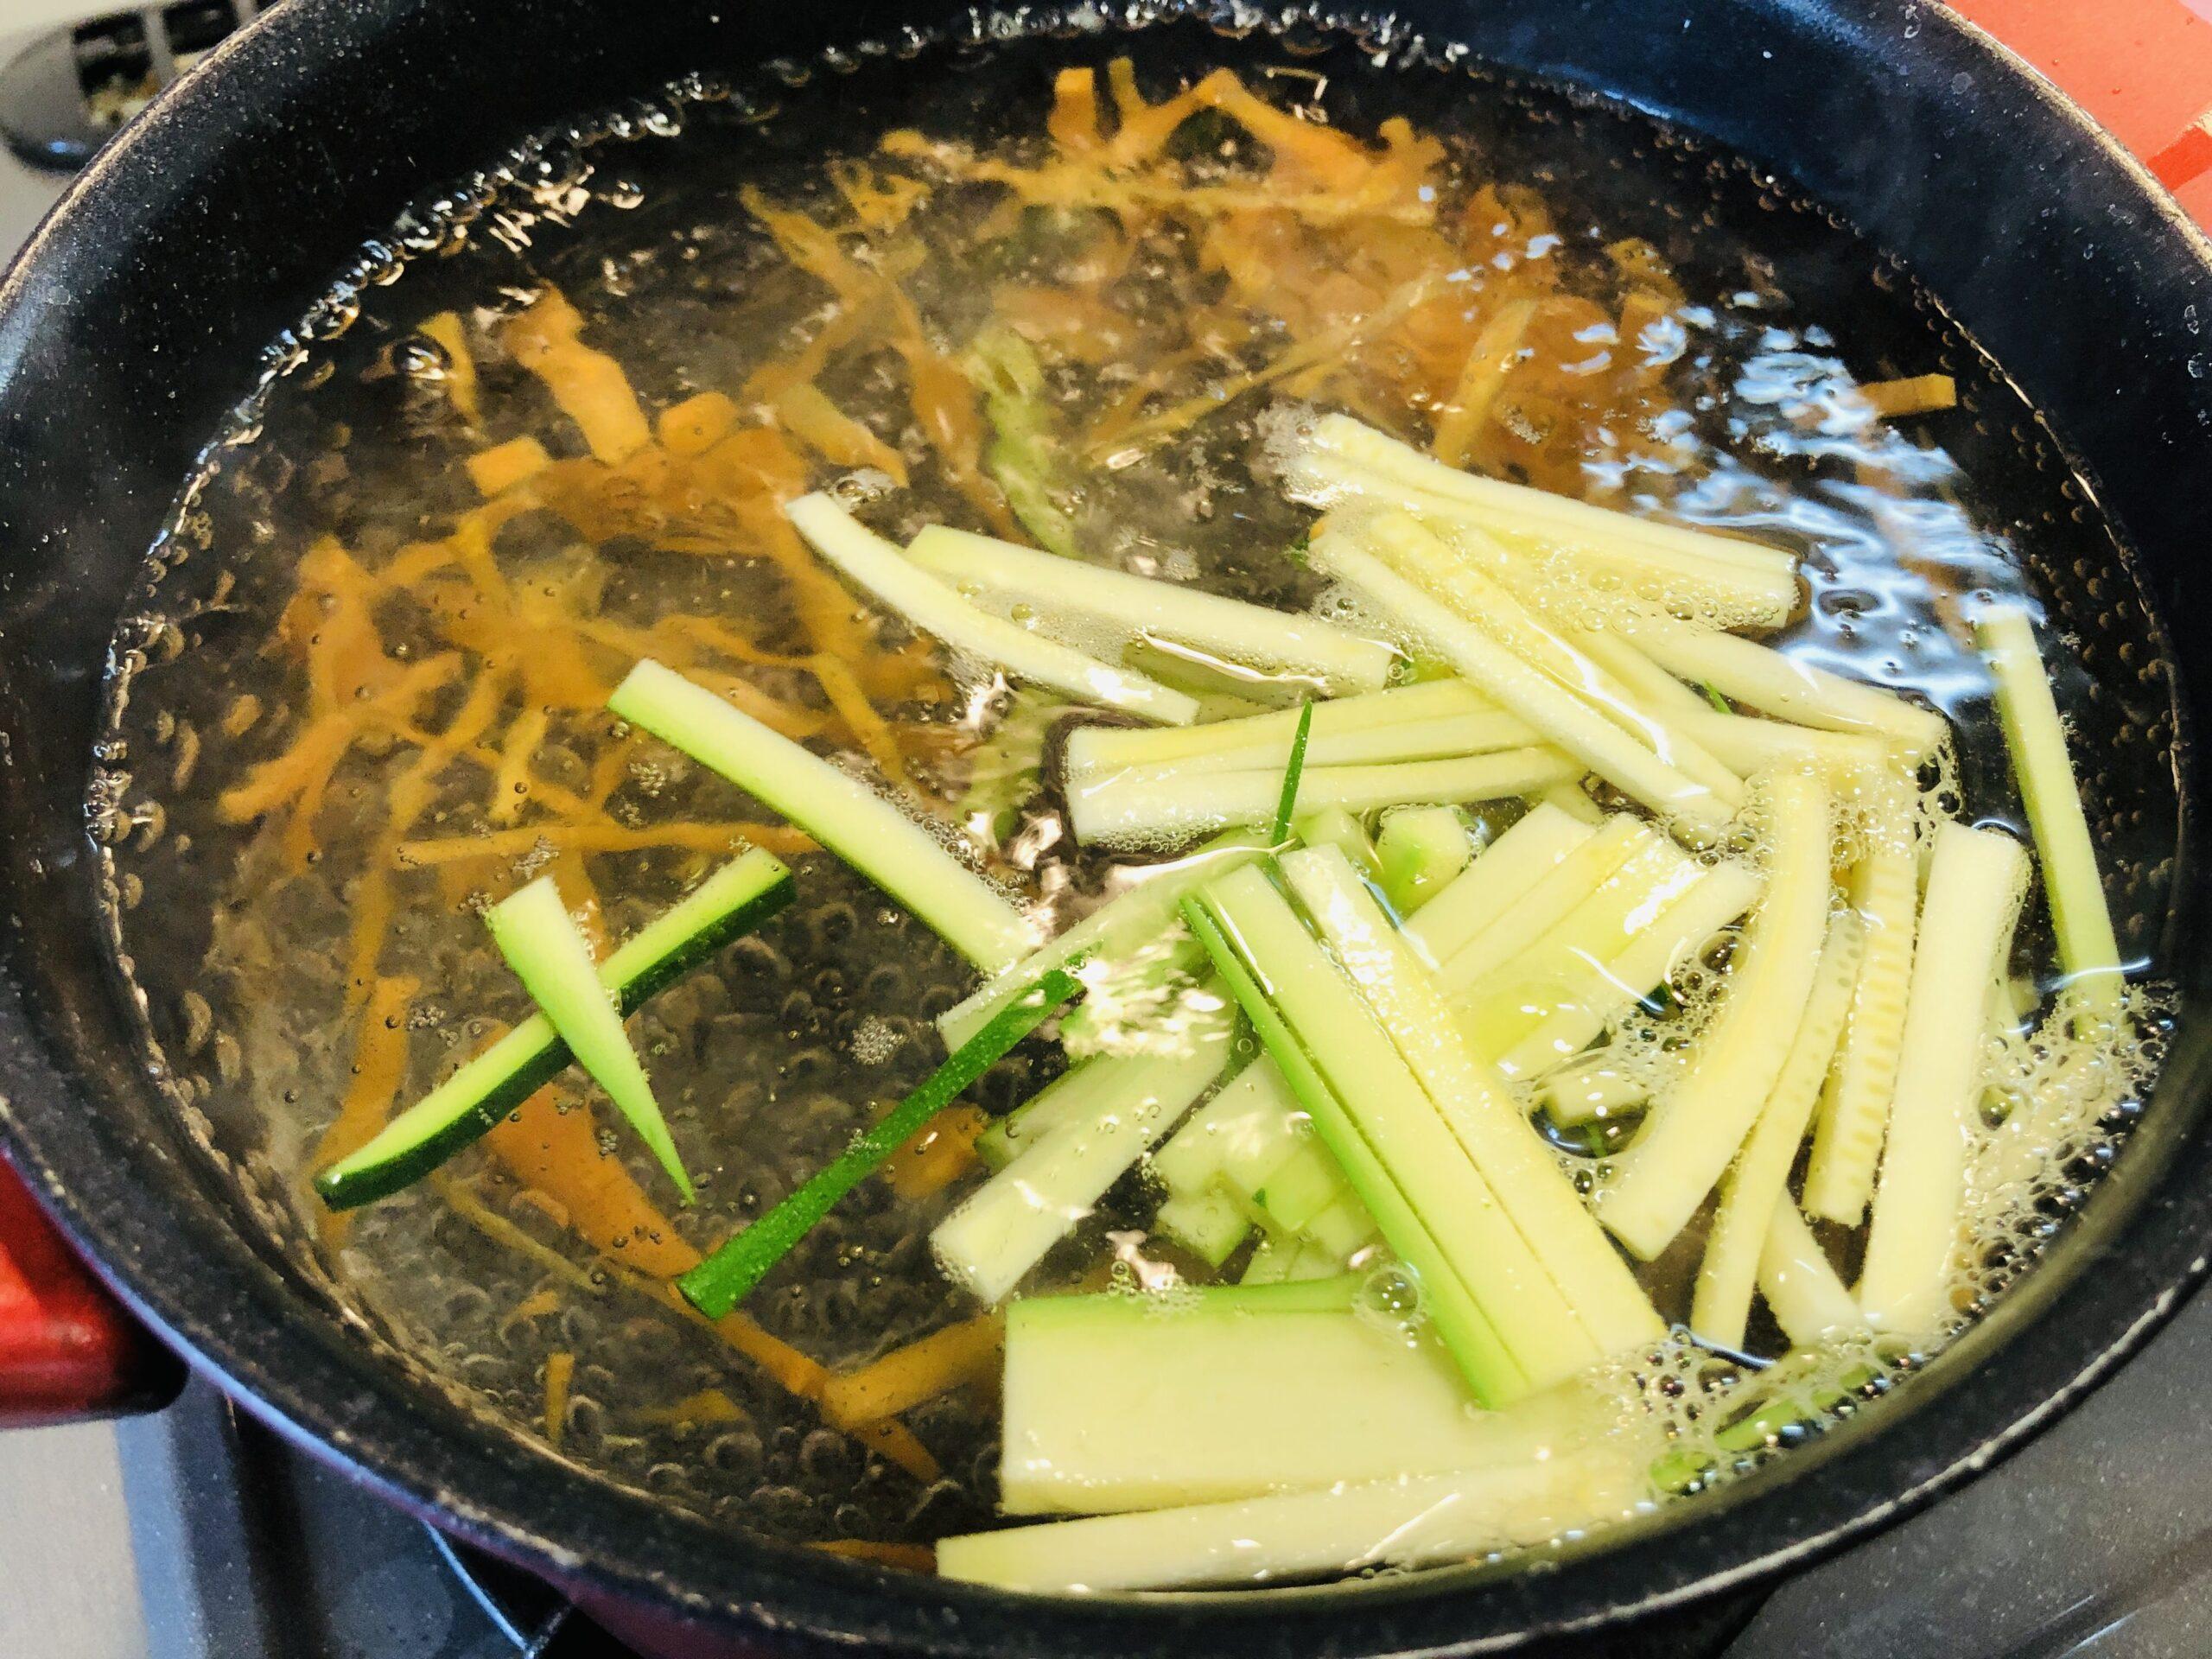 野菜を塩ゆでしている様子の画像です